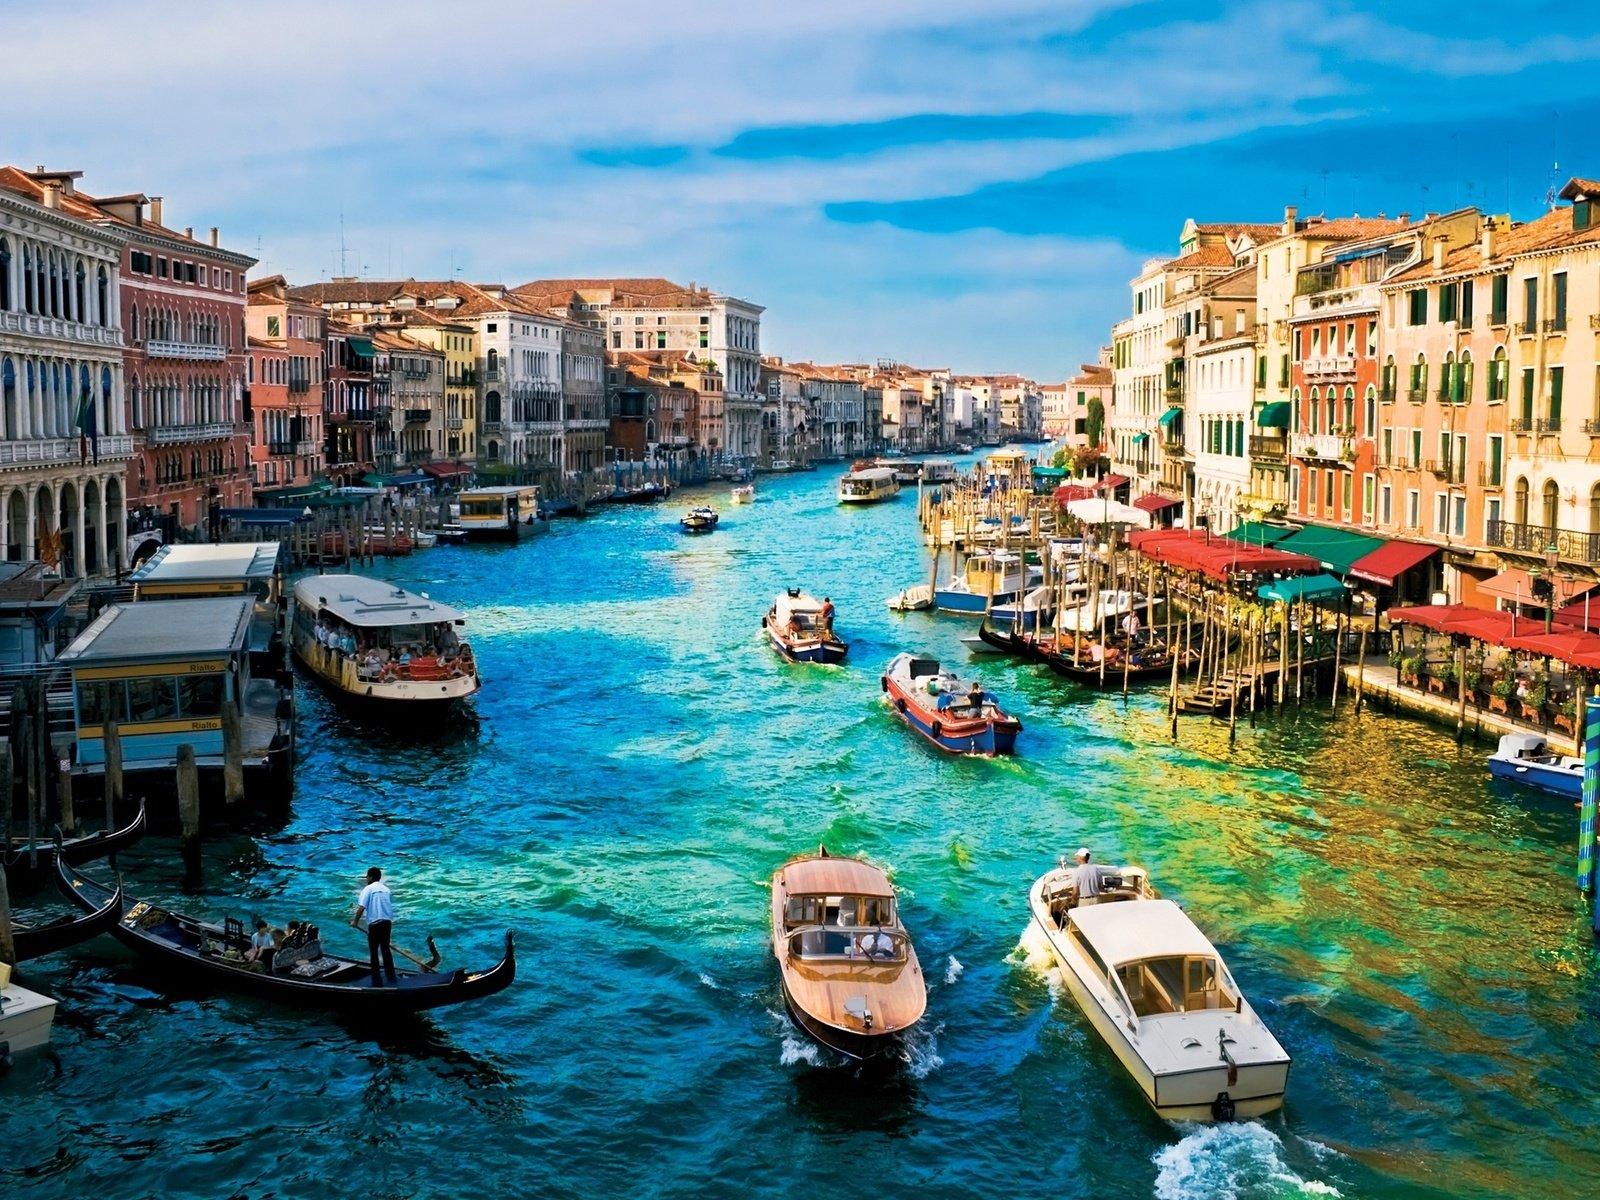 Красивые картинки фотки венеция, картинками